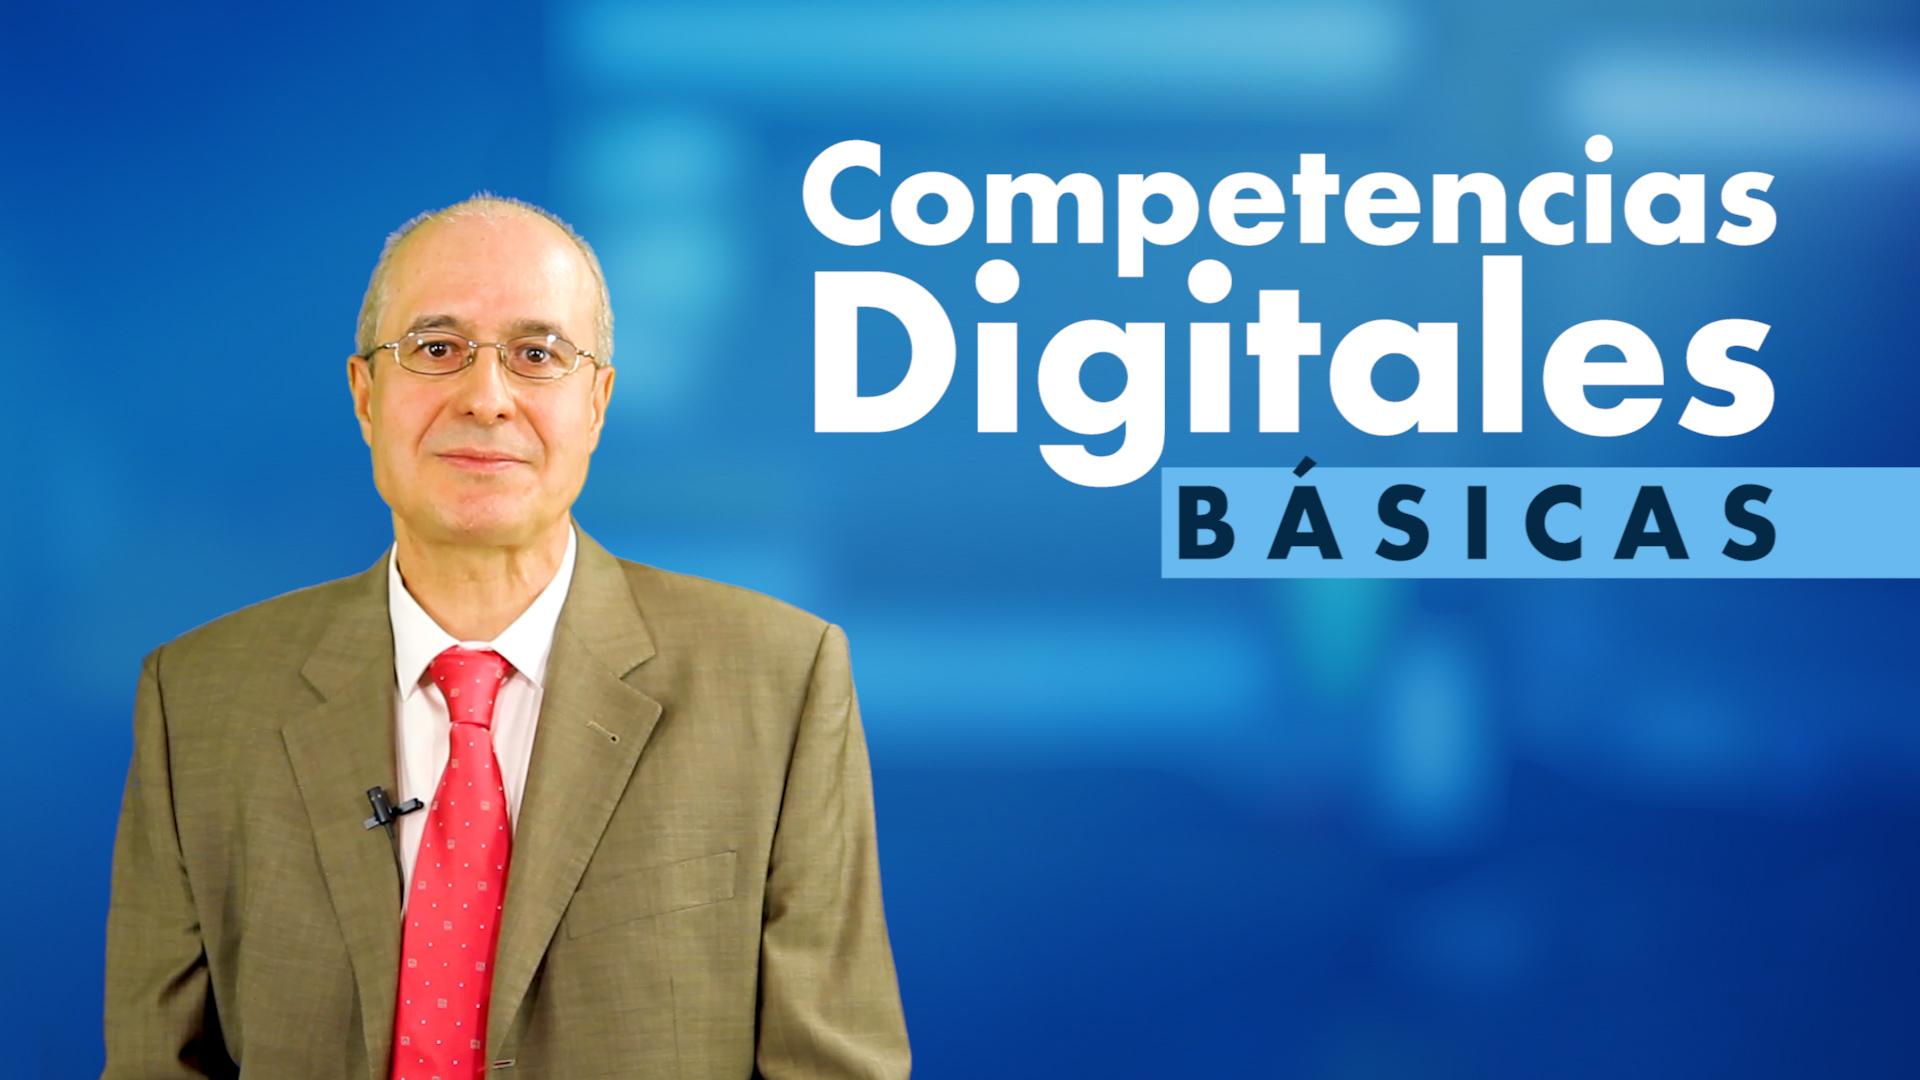 Curso de Competencias Digitales Básicas (IFCM015PO)